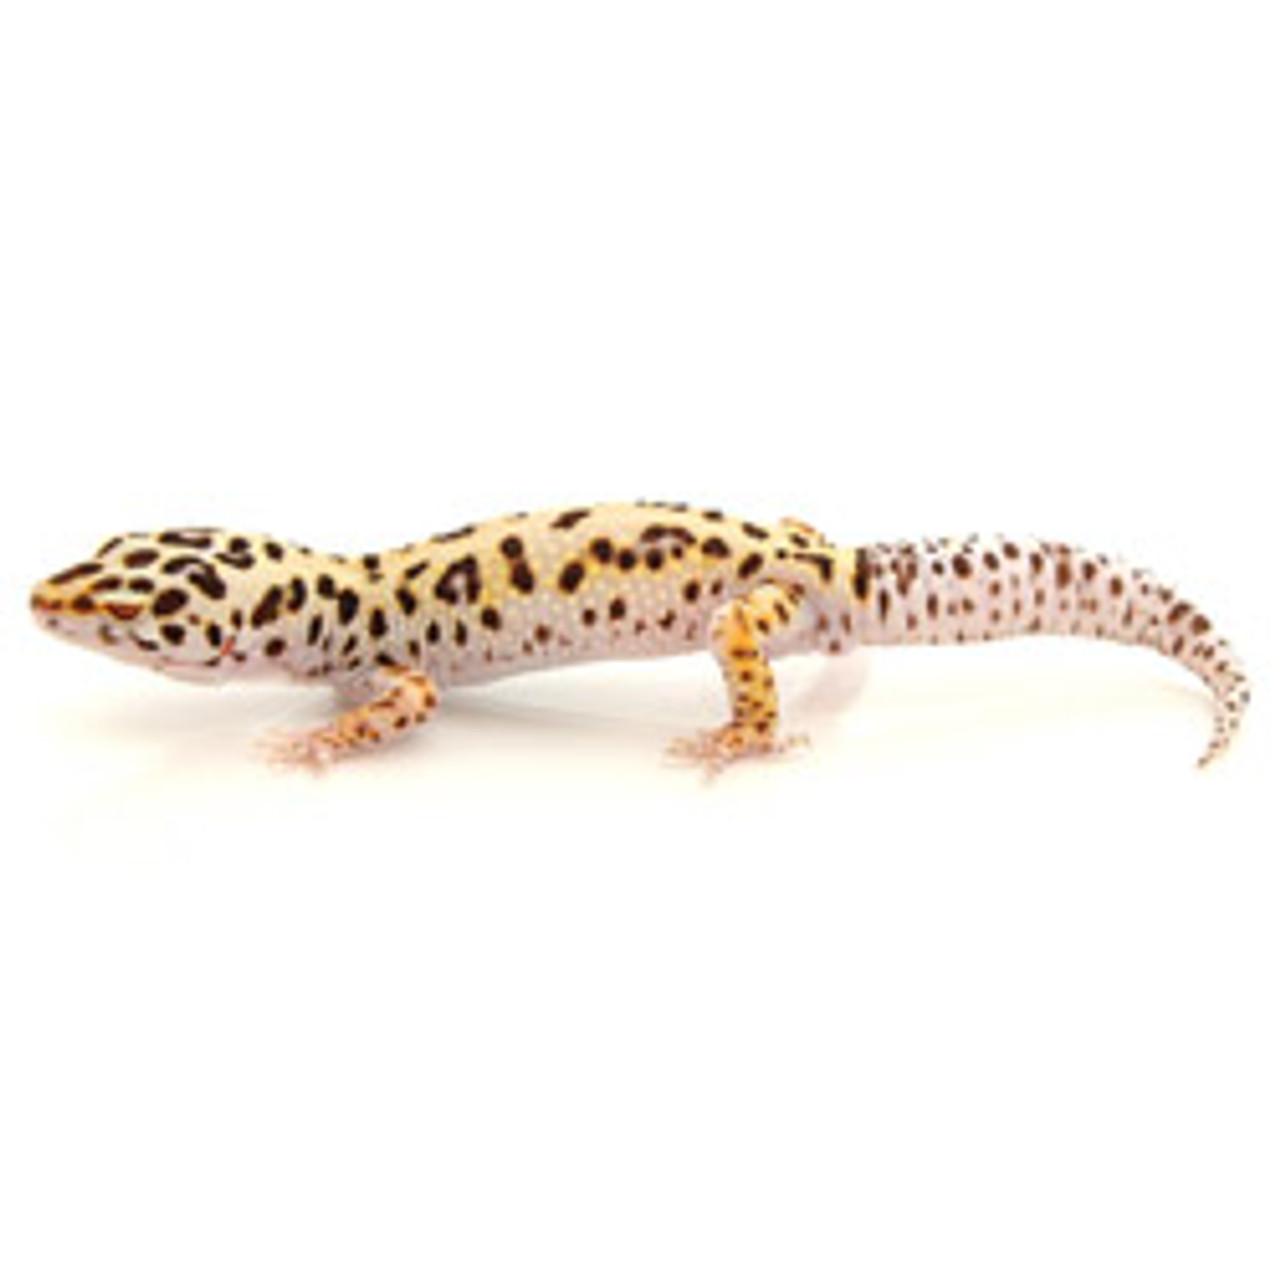 Bell Albino Enigma Leopard Gecko (Eublepharis macularius) Juvenile